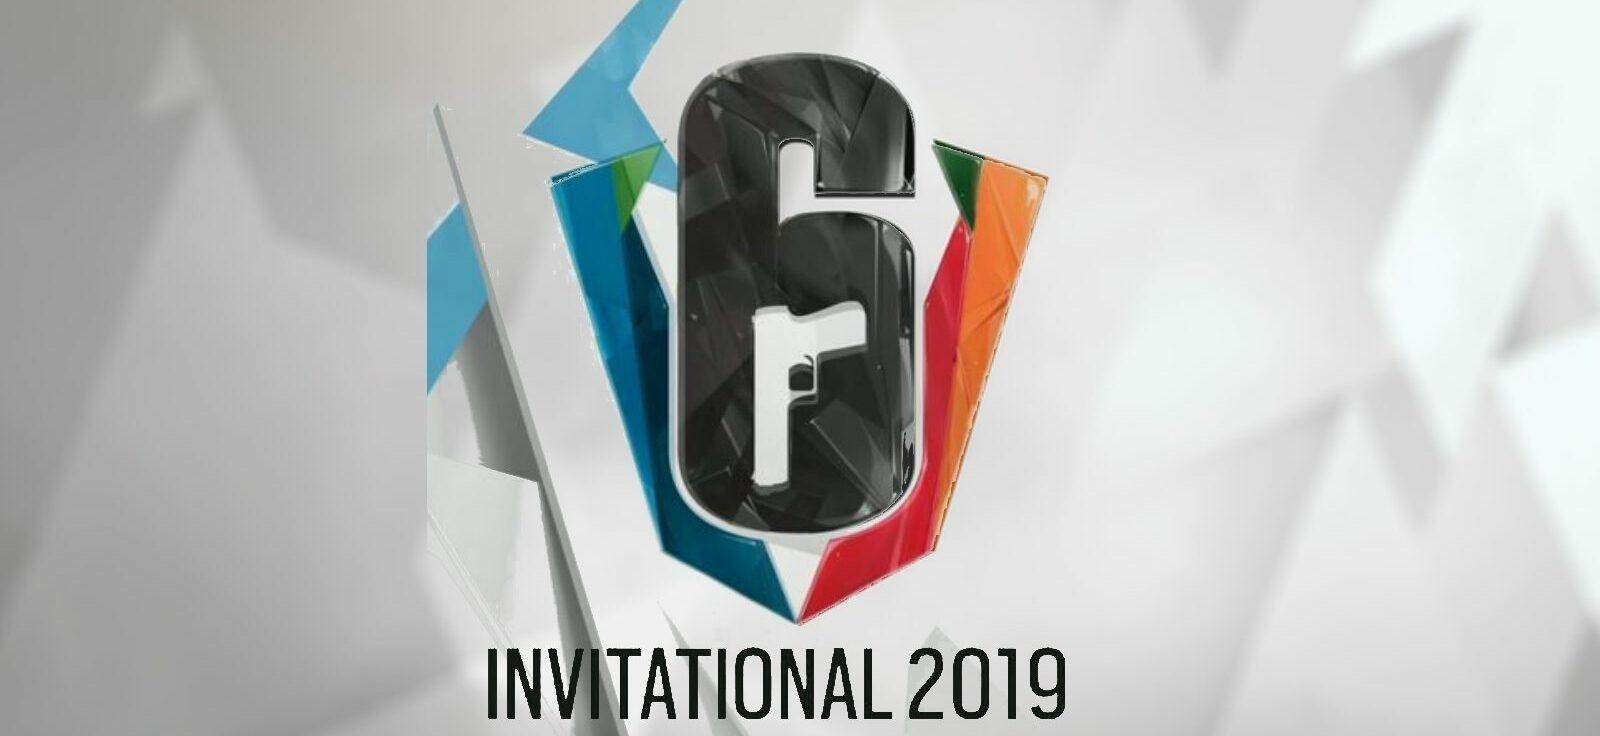 Confiram os detalhes planejados para os eventos de Rainbow Six Siege para 2019